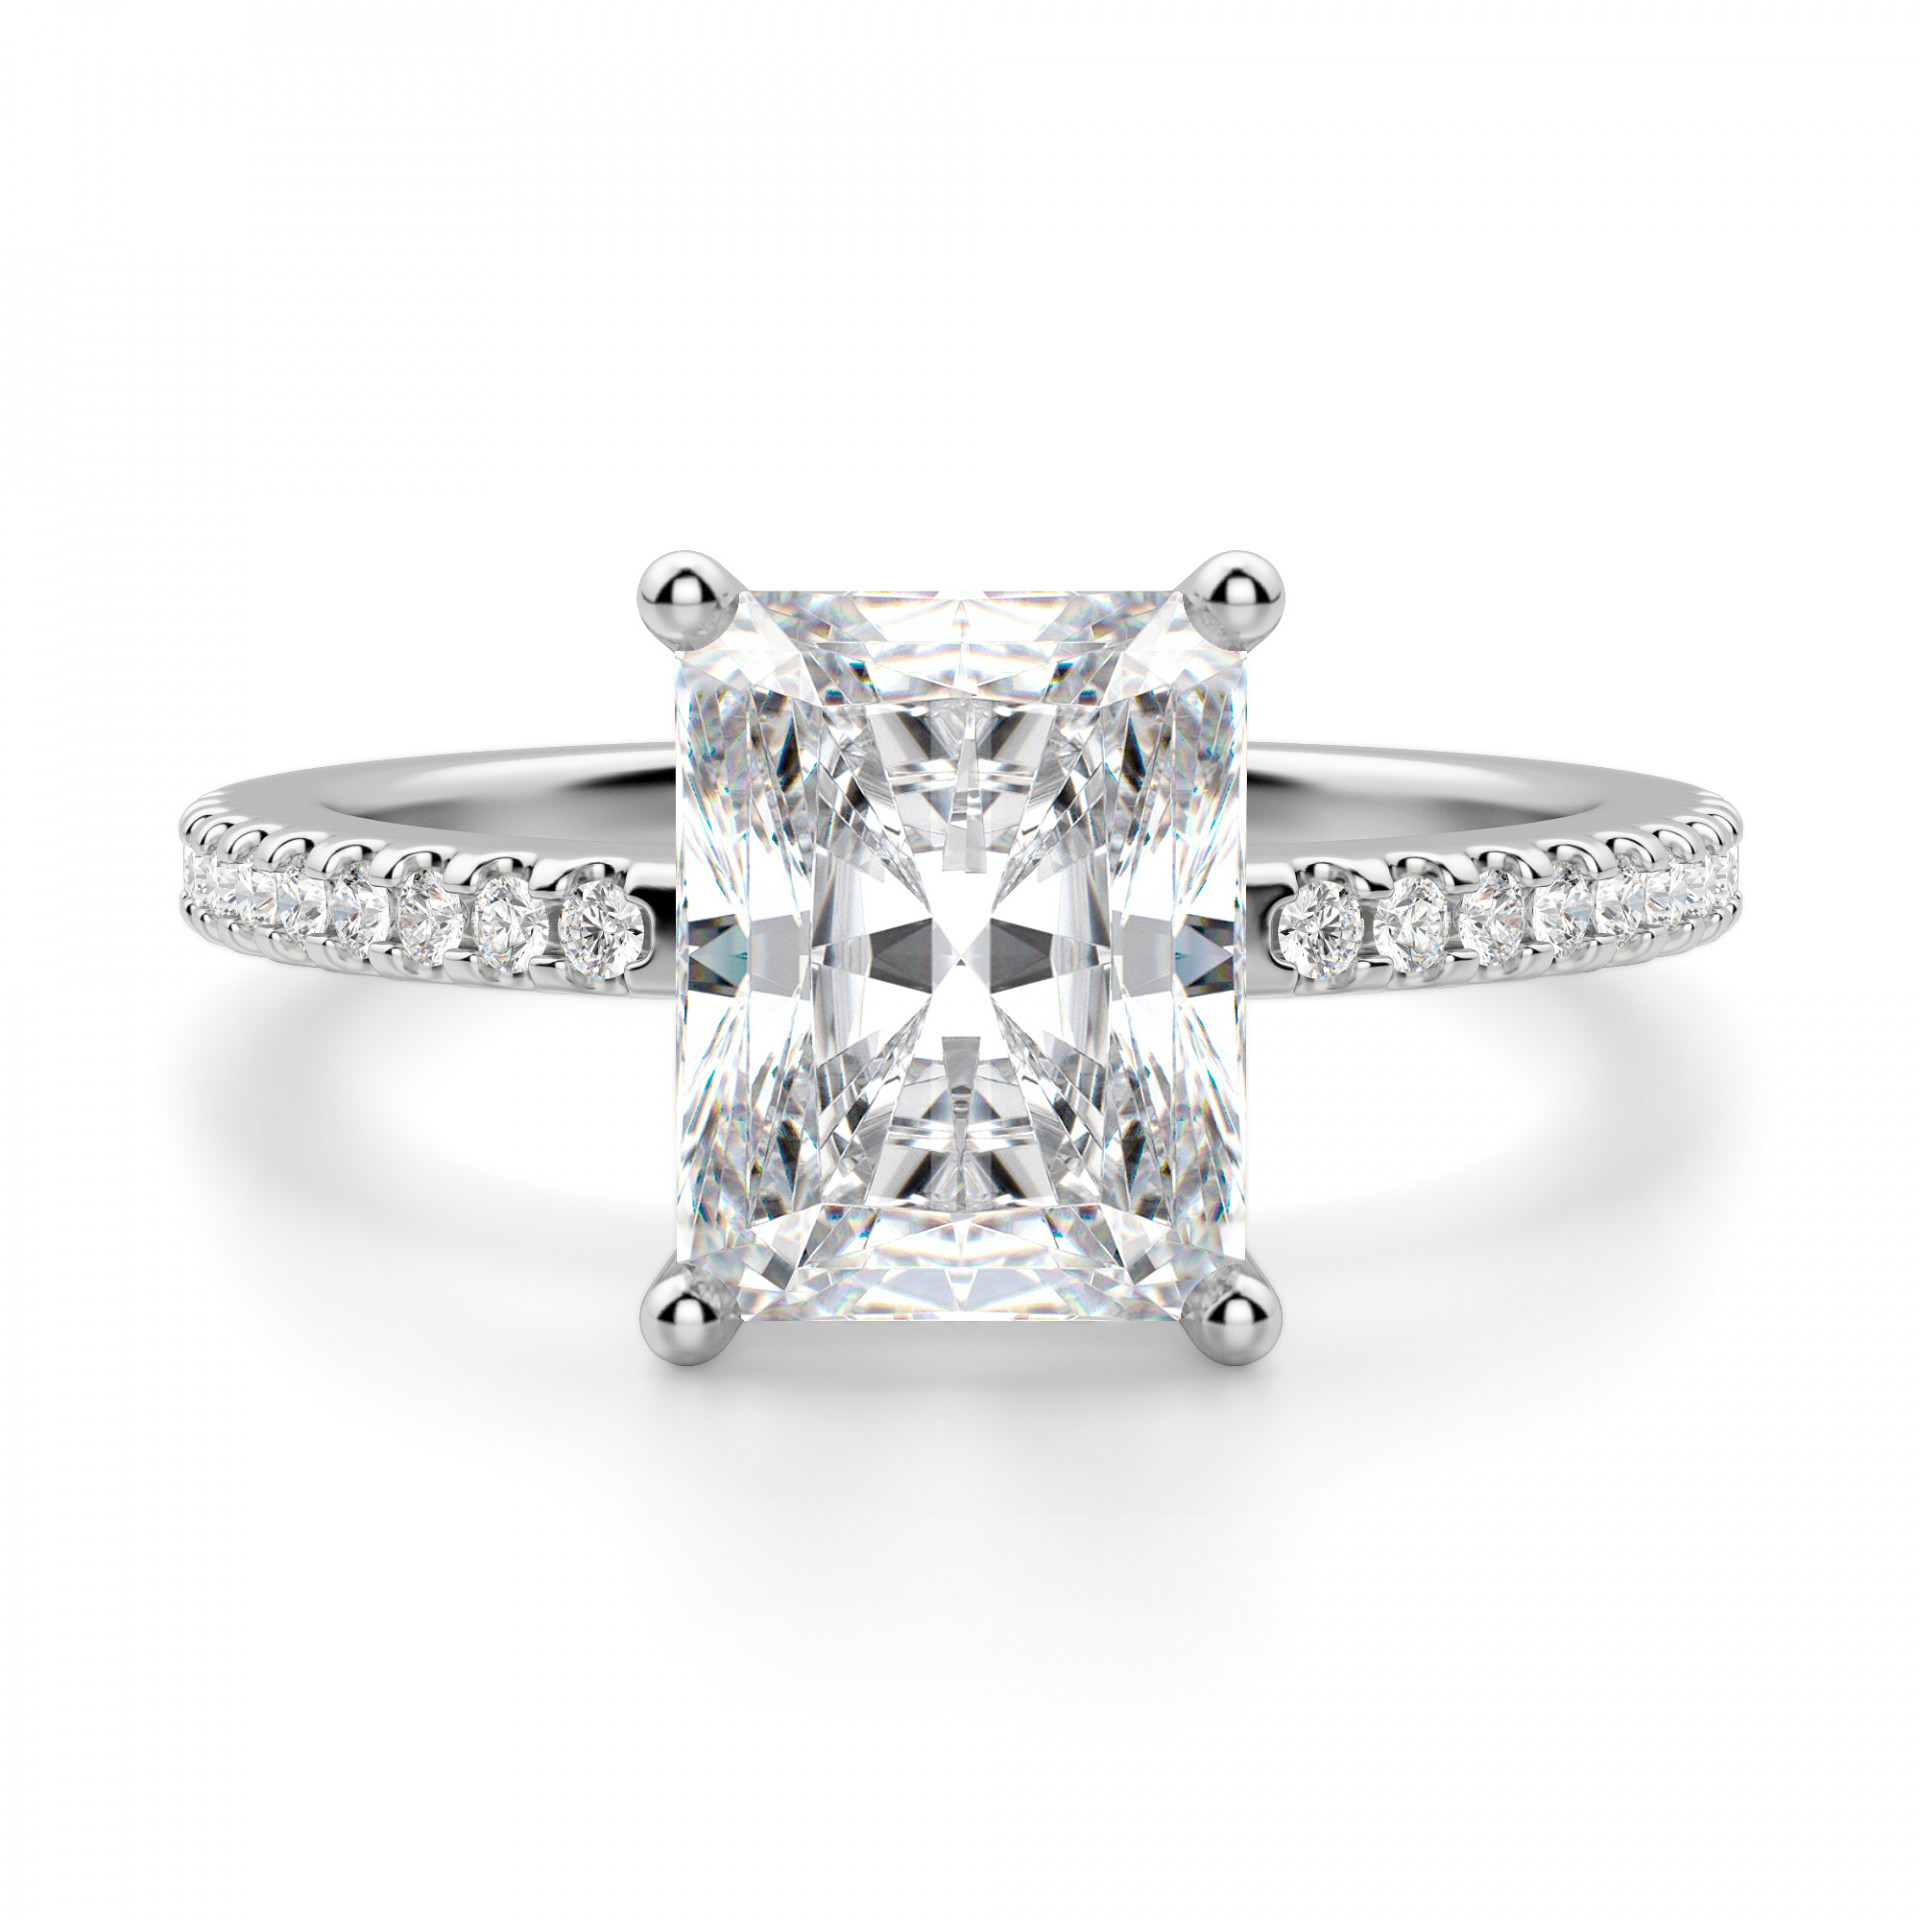 a6af7bc035e Basket Set 2.62 carat Radiant cut Accented Engagement Ring